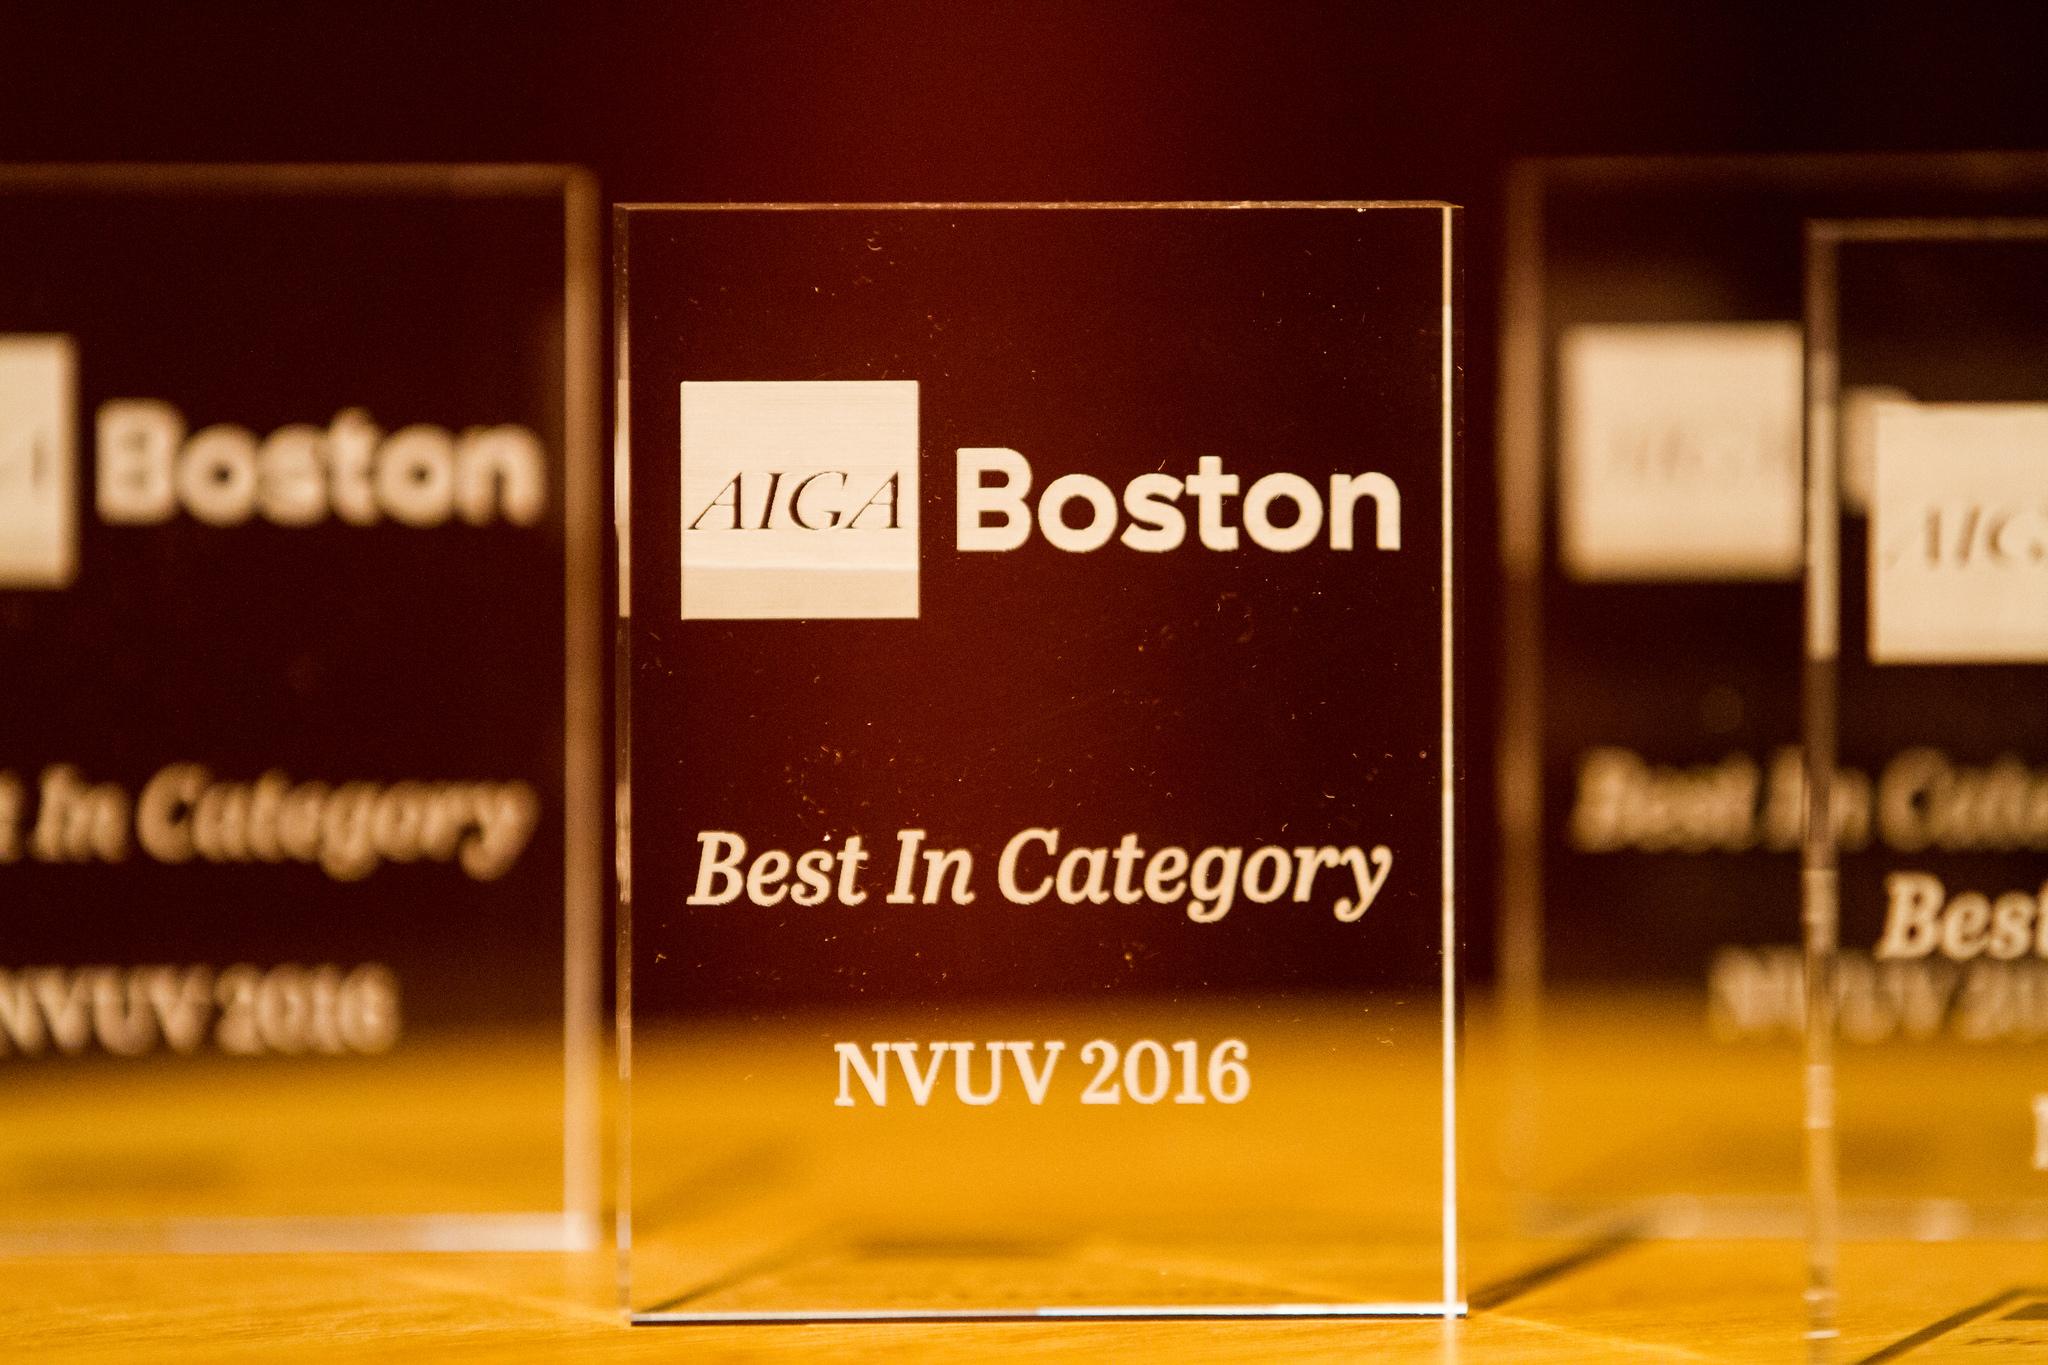 NVUV Best in Category Awards. Photo by Michael Rotiroti:  michaelrotiroti.com/